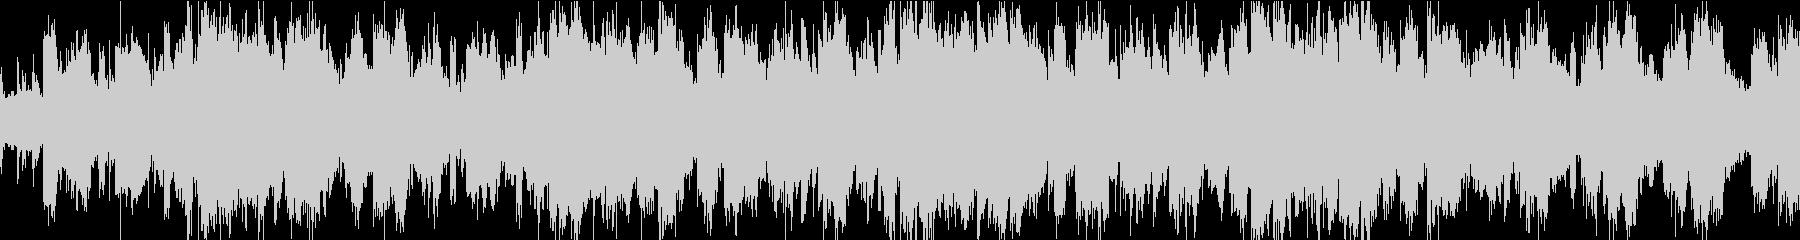 ほのぼのかわいいシンセポップループBGMの未再生の波形